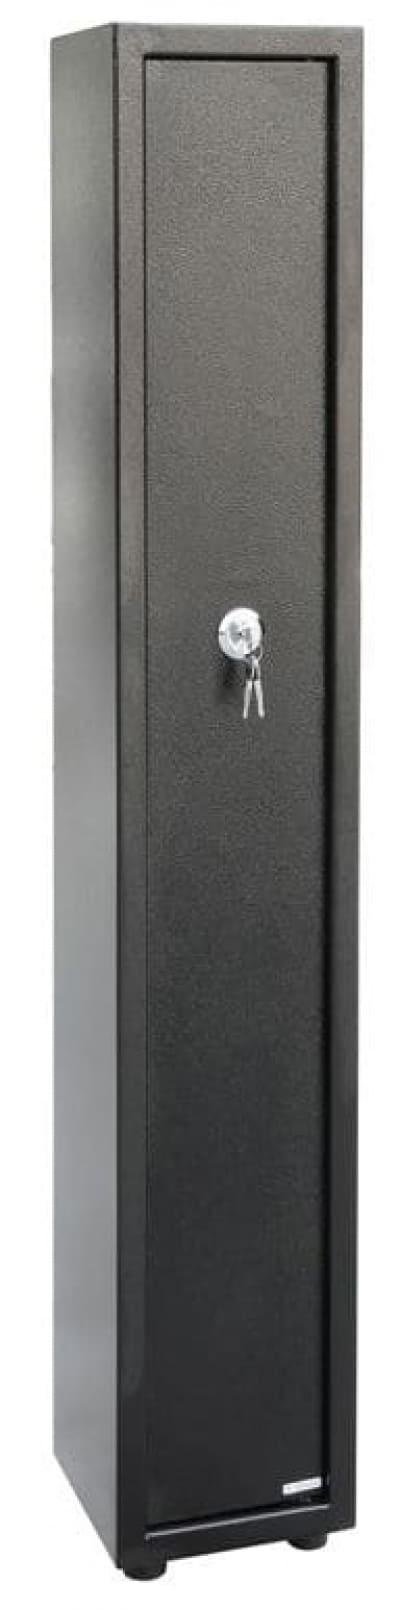 Сейф оружейный American Security 1450BQG-3